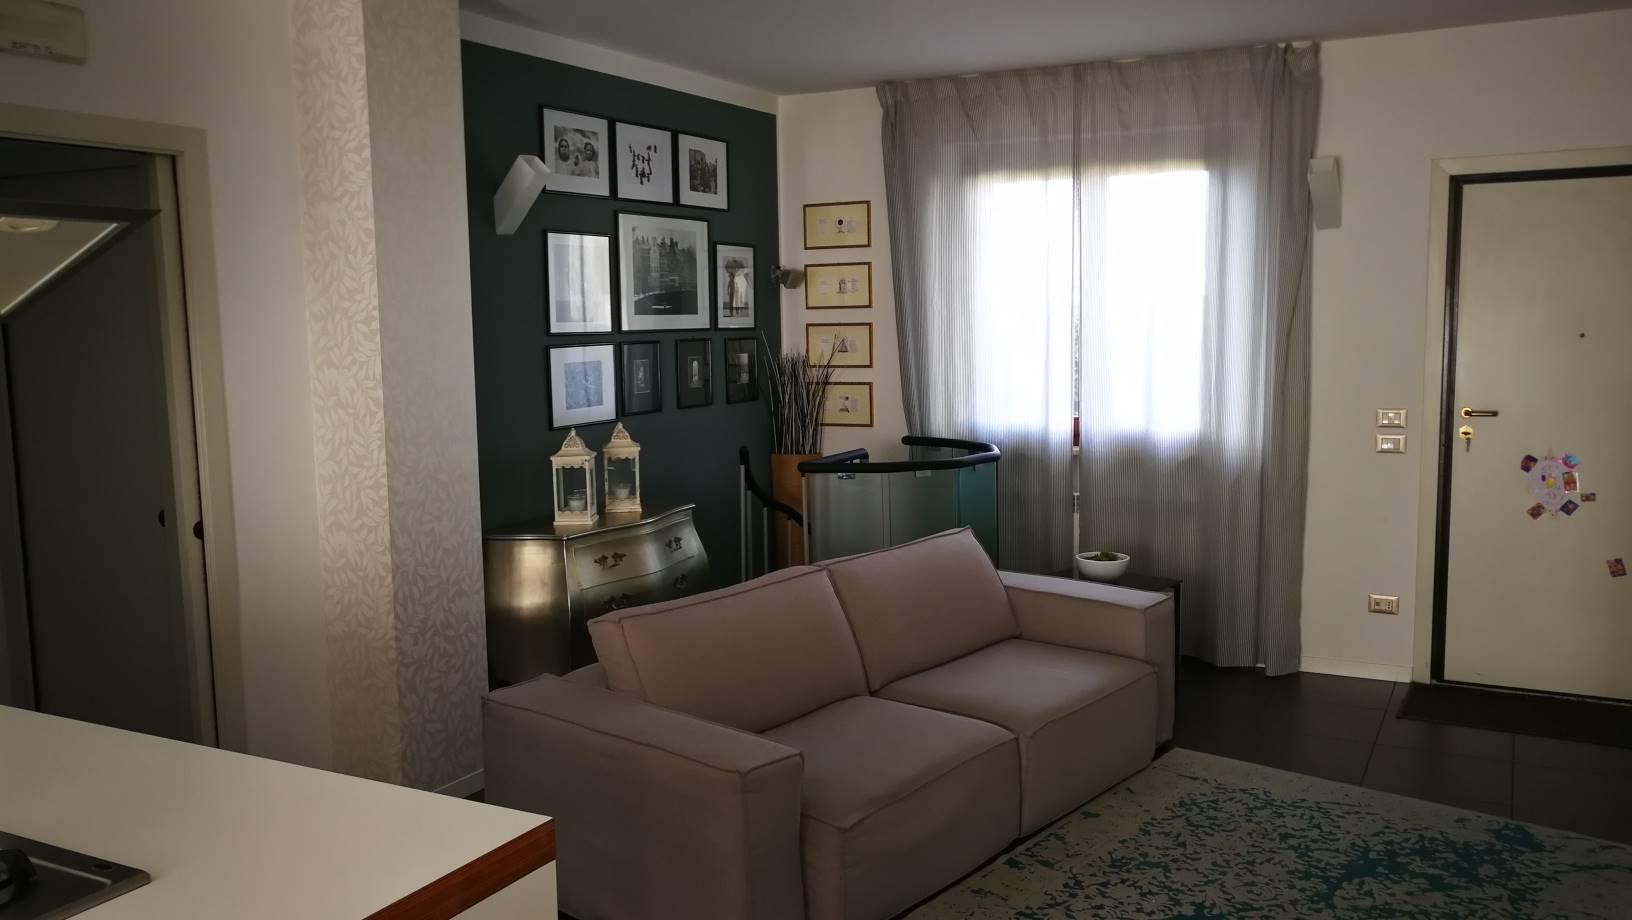 Appartamento in vendita a Ostra, 5 locali, prezzo € 165.000 | CambioCasa.it